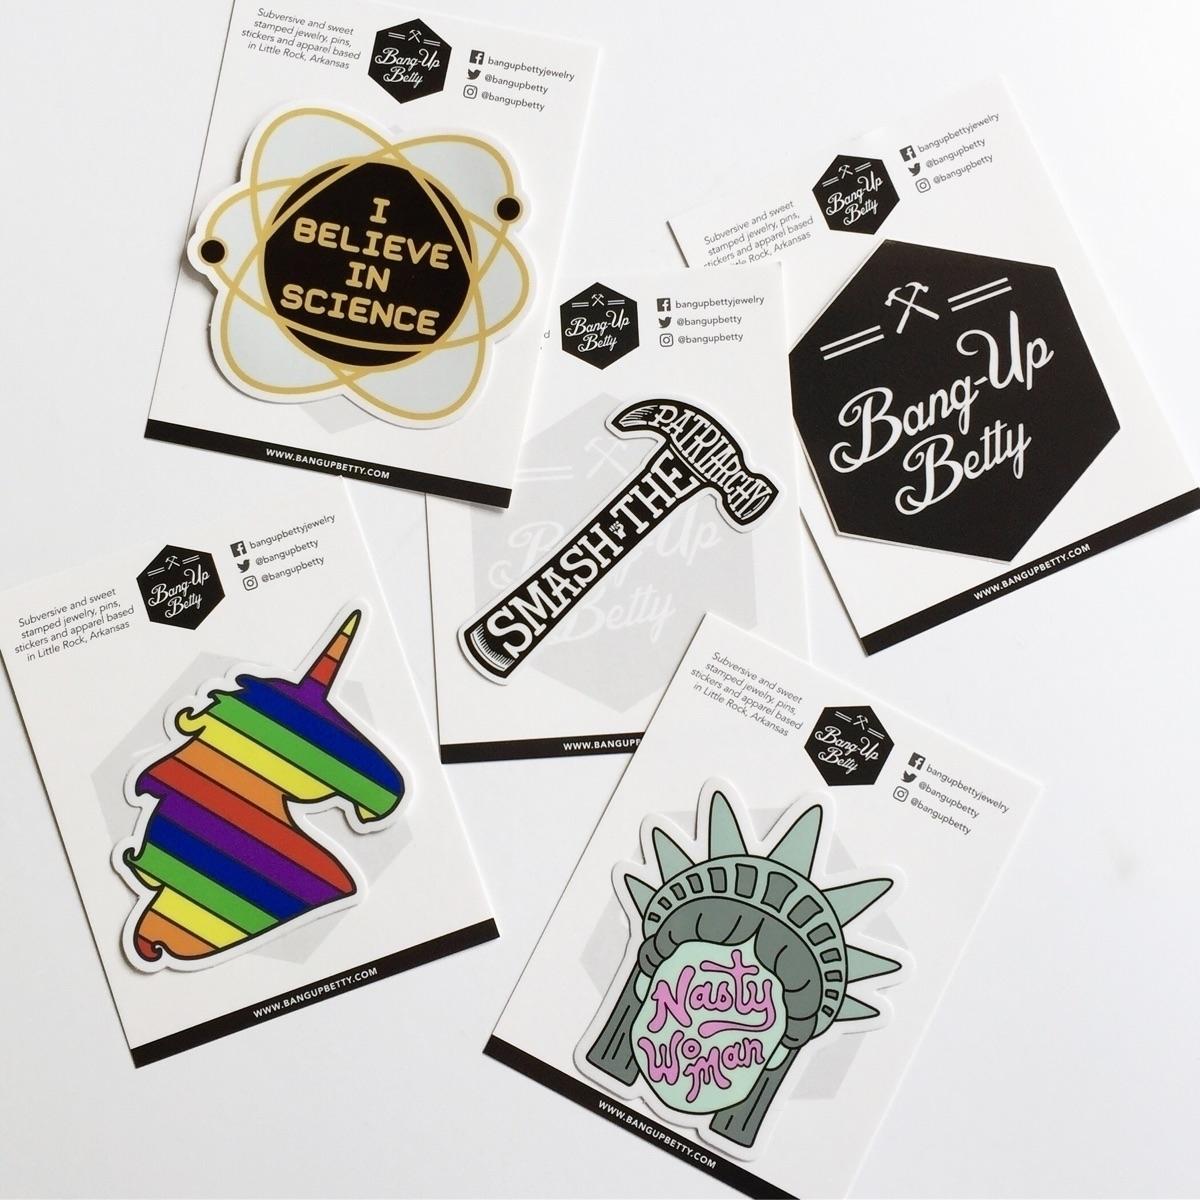 stickers retail ready - bangupbetty | ello